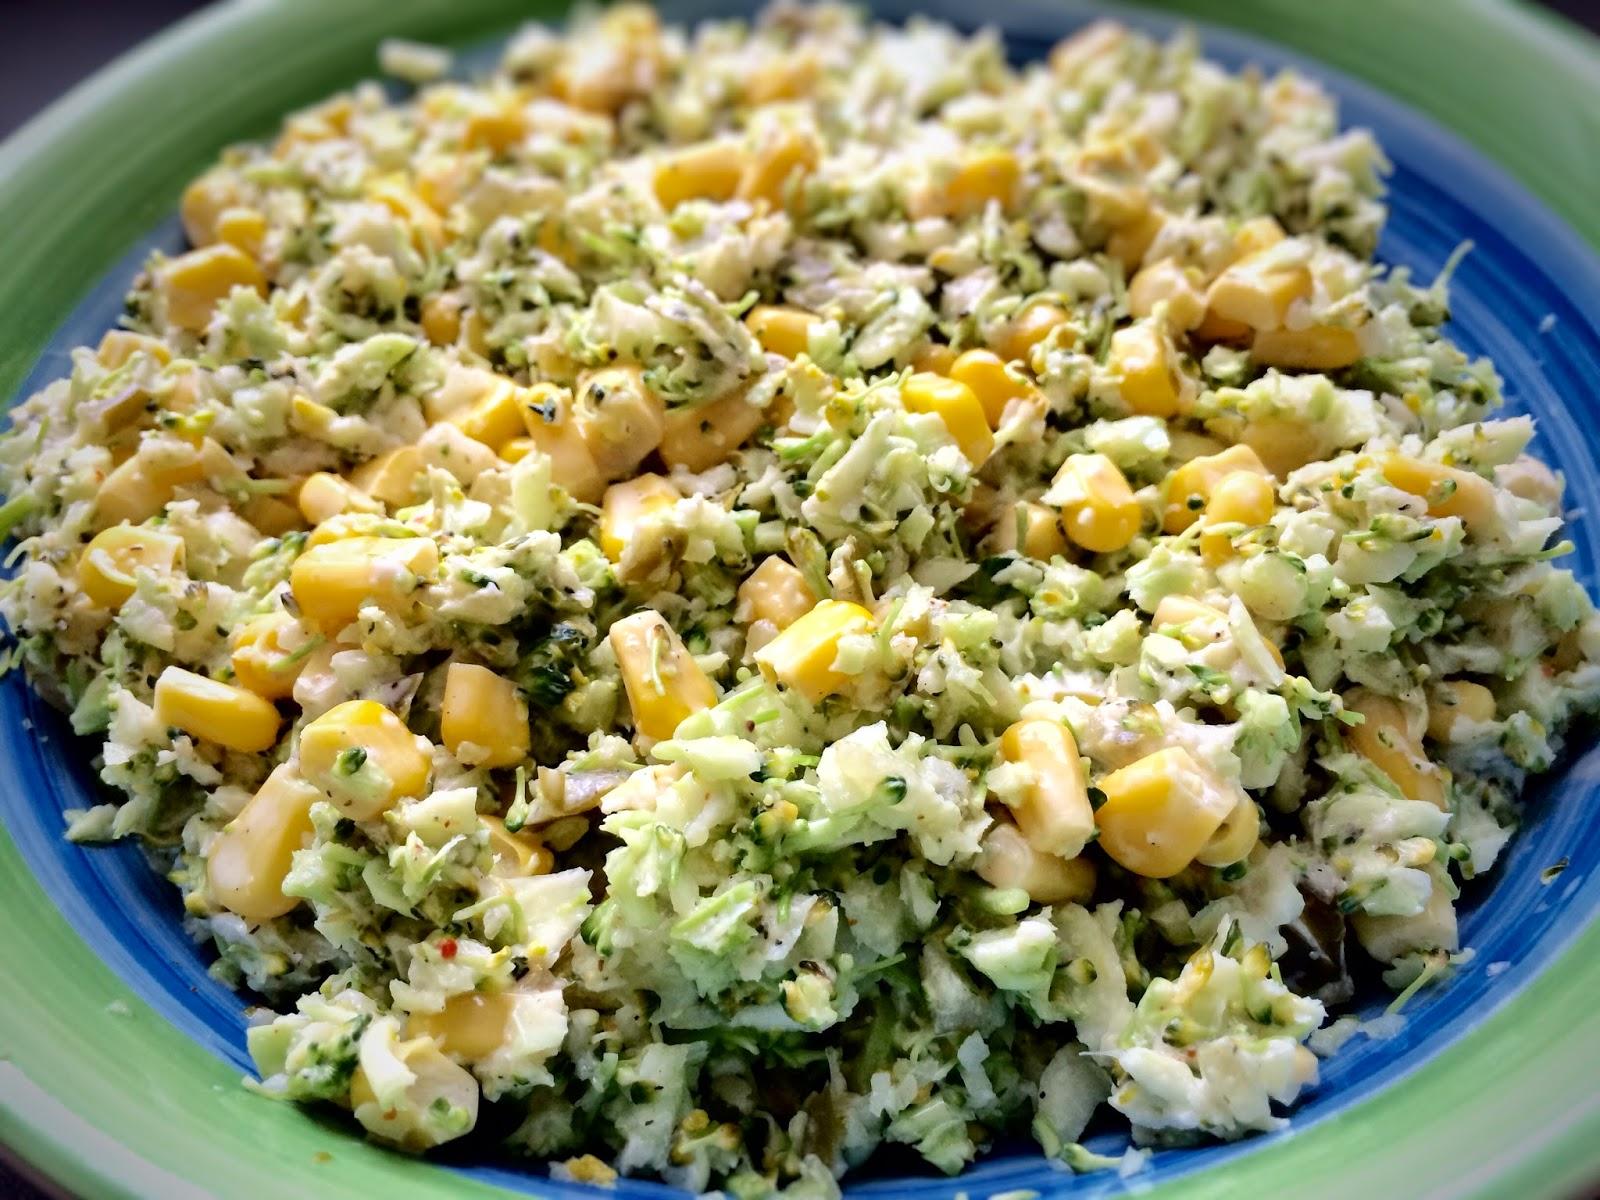 surowe brokuly, salatka, kukurzydza, ptysiu mietowy